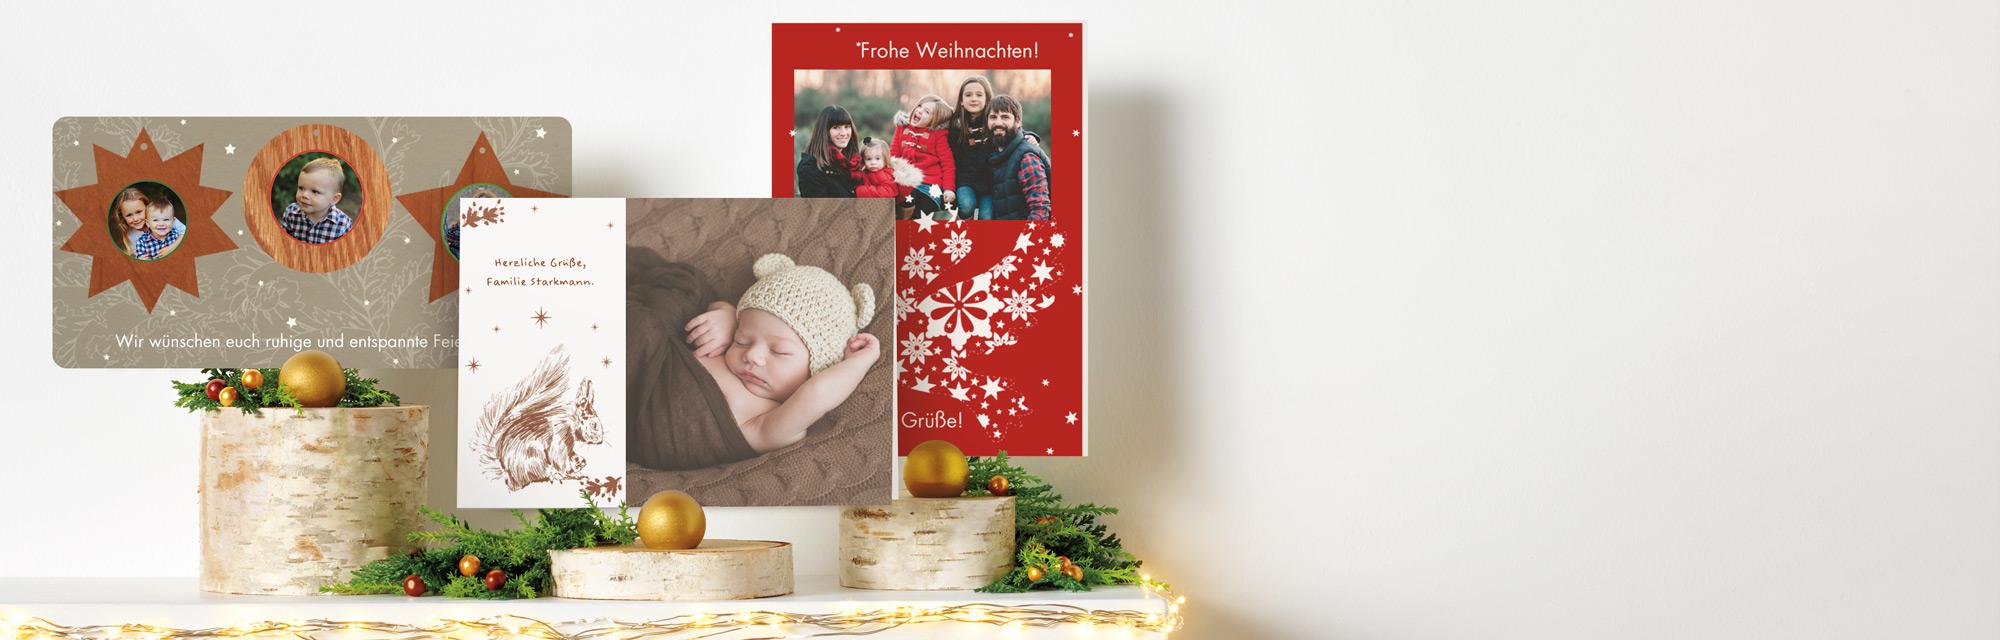 Weihnachtskarten mit eigenem Foto Bewahren Sie die wundervolle Tradition der Weihnachtskarte und senden Sie dieses Jahr eine individuelle Karte.